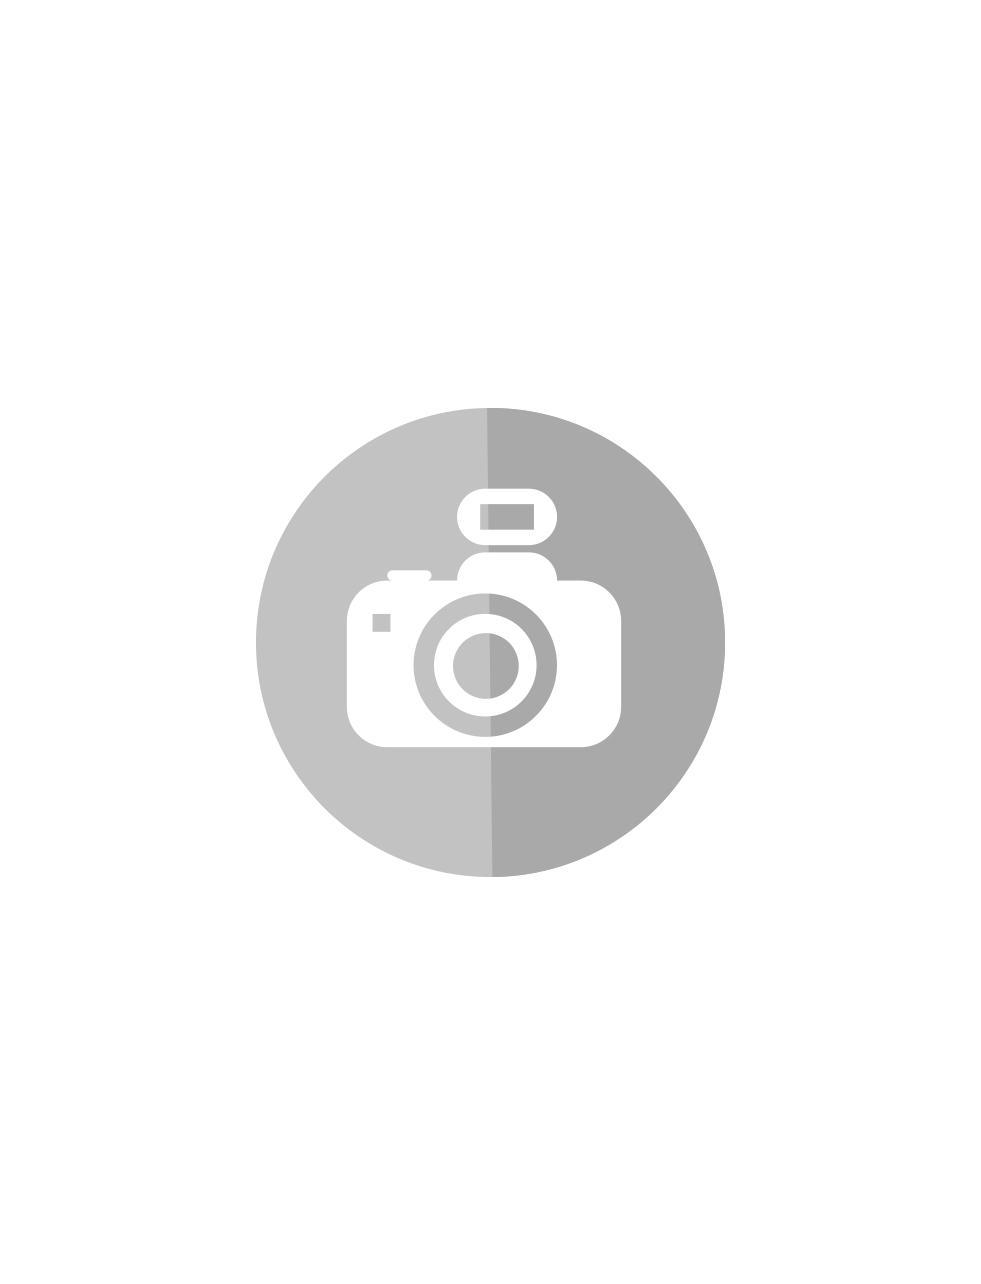 30510660_sparepart/BS-Steckzapfen 16 Stk